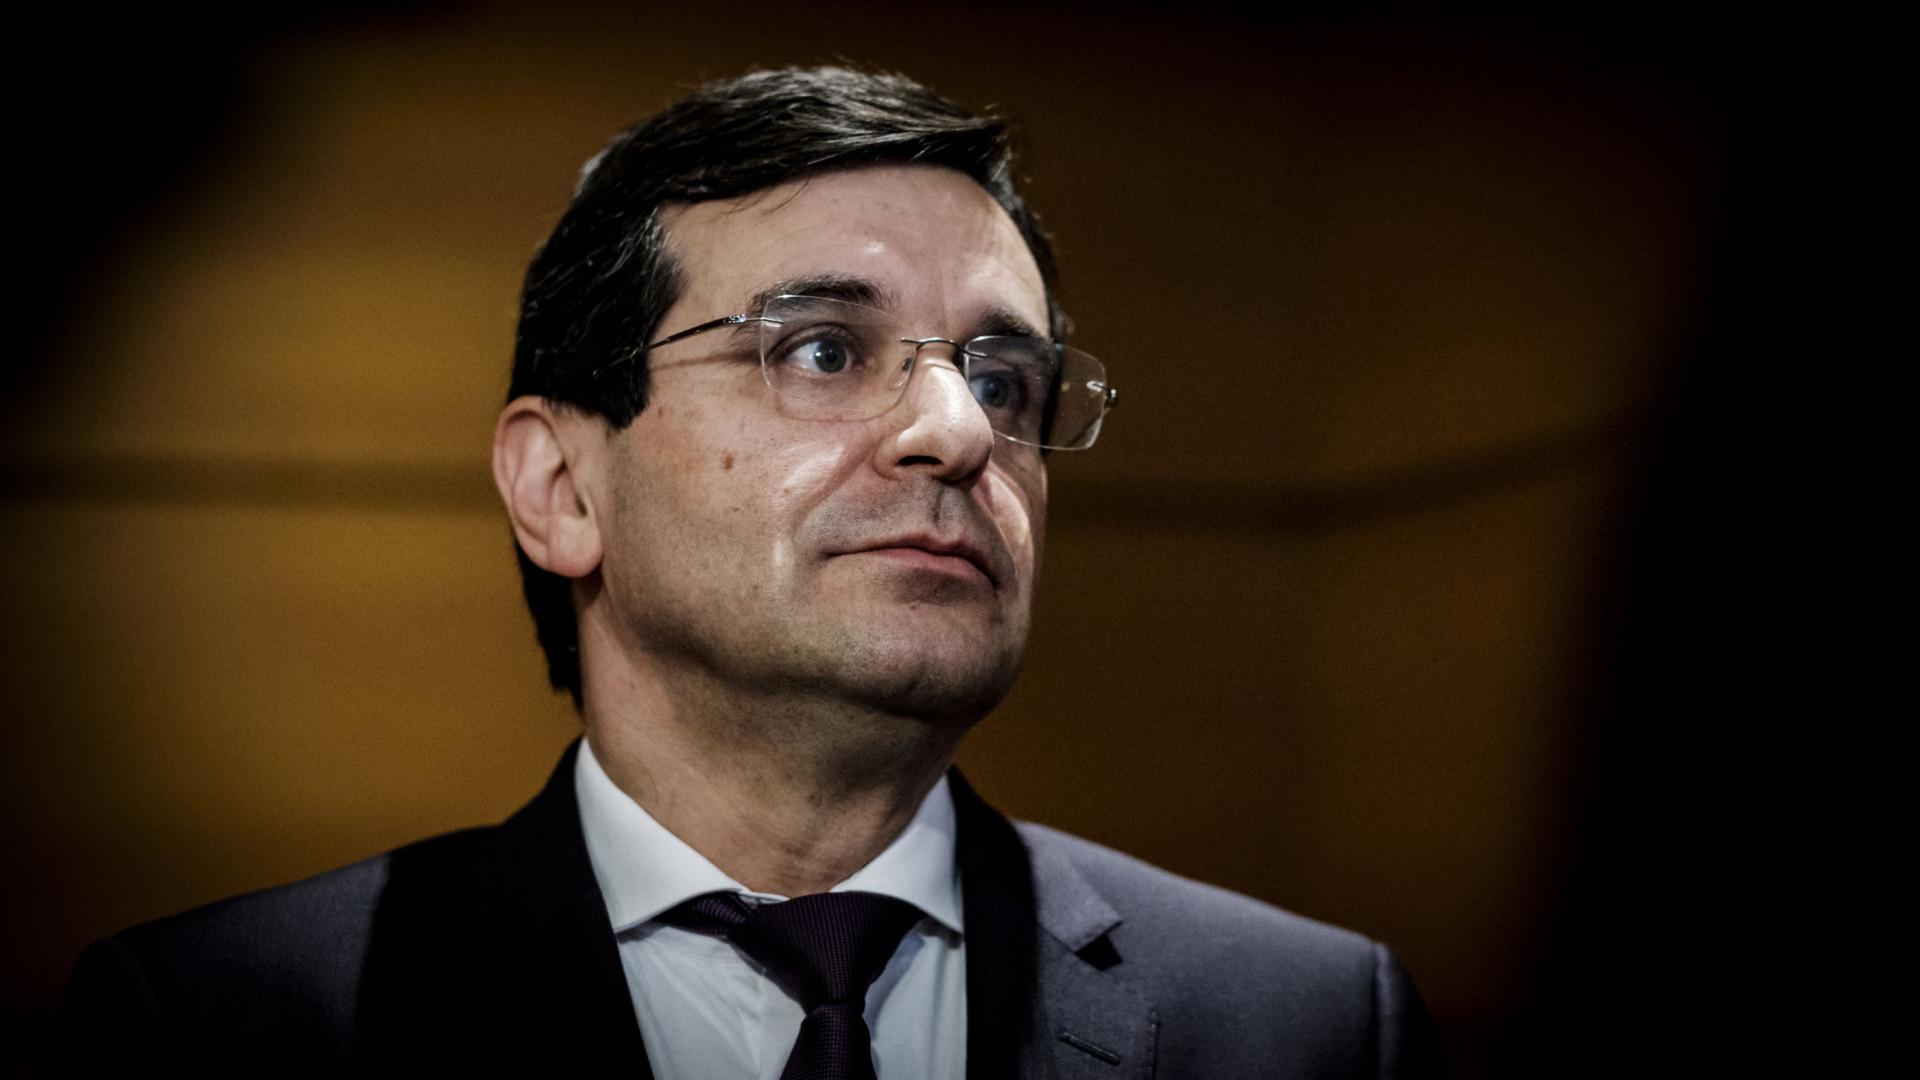 Novo hospital da Madeira pode transformar sistema de saúde da região